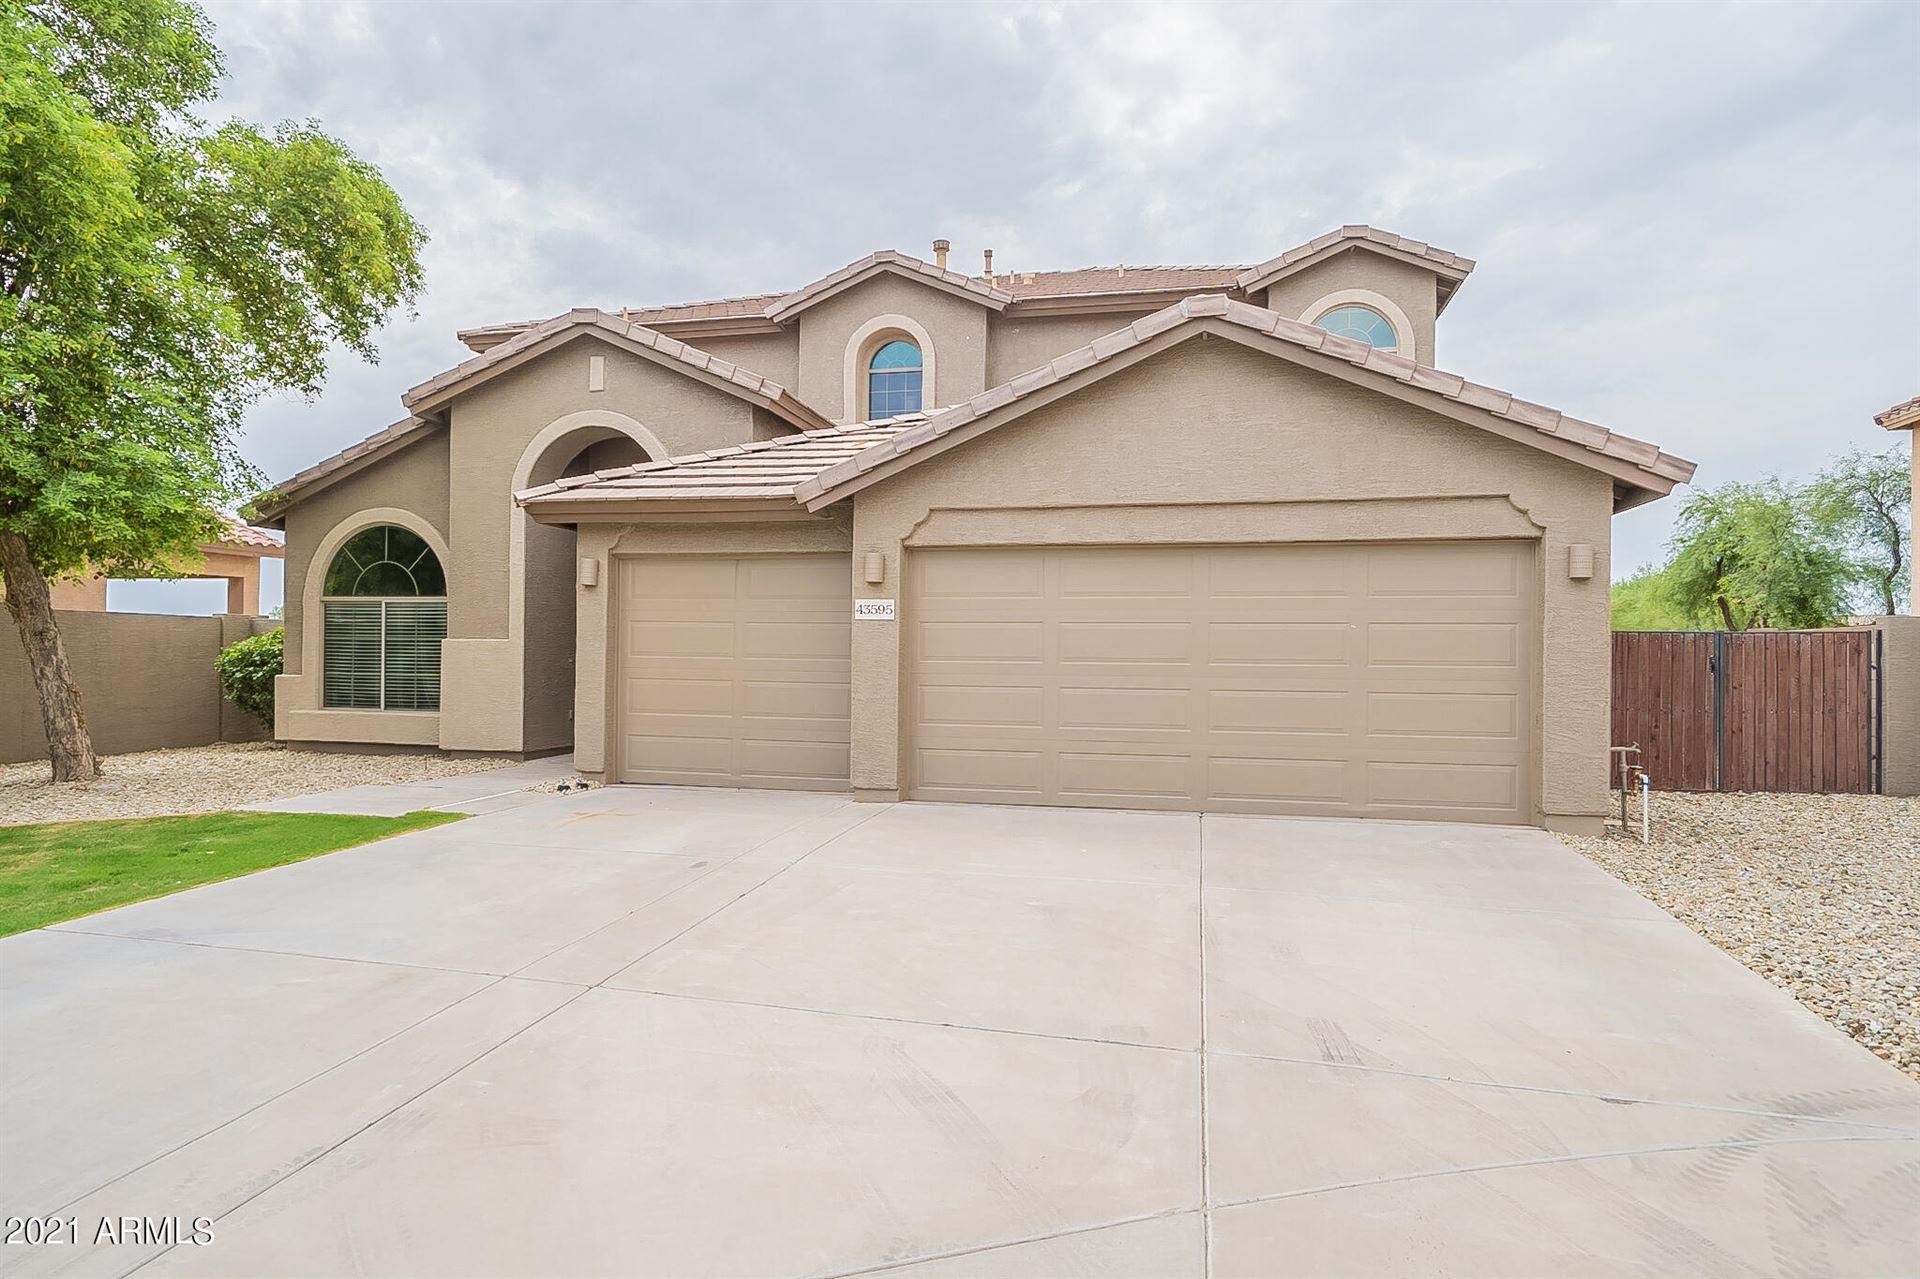 Photo for 43595 W BRAVO Court, Maricopa, AZ 85138 (MLS # 6269084)